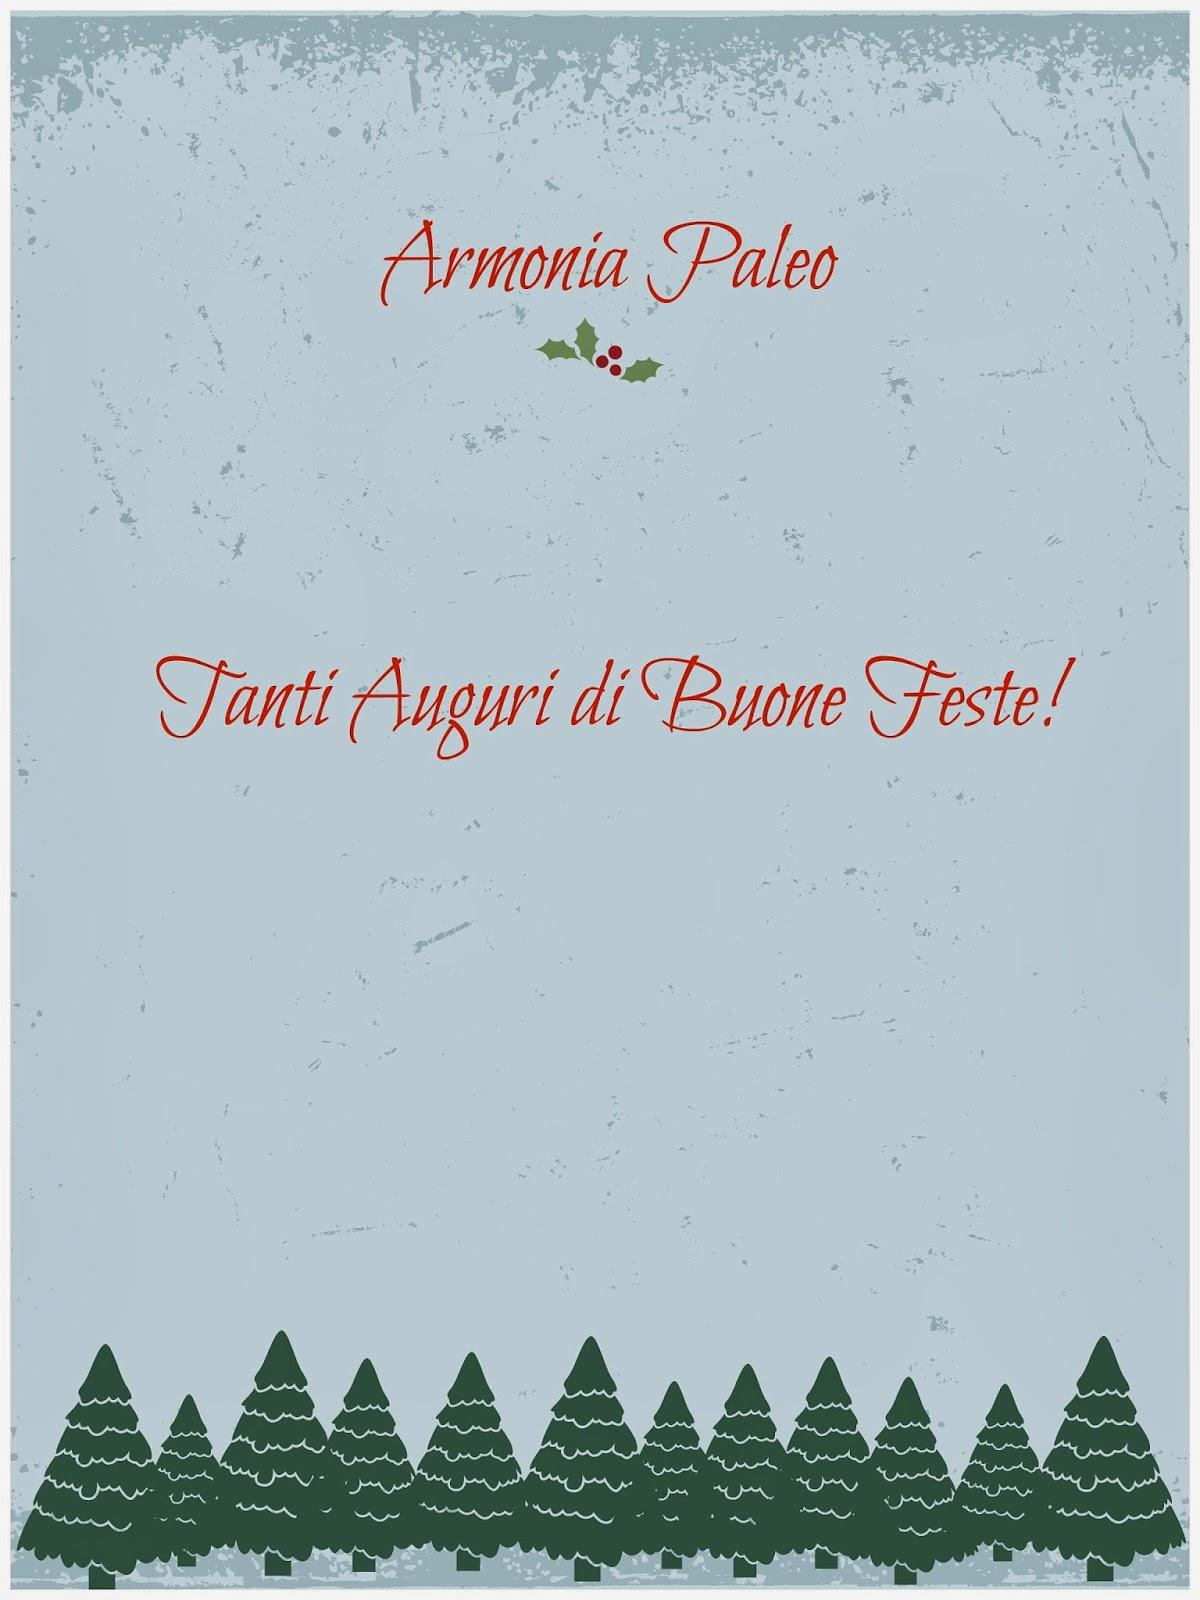 Auguri Buone Feste 2013 di Armonia Paleo